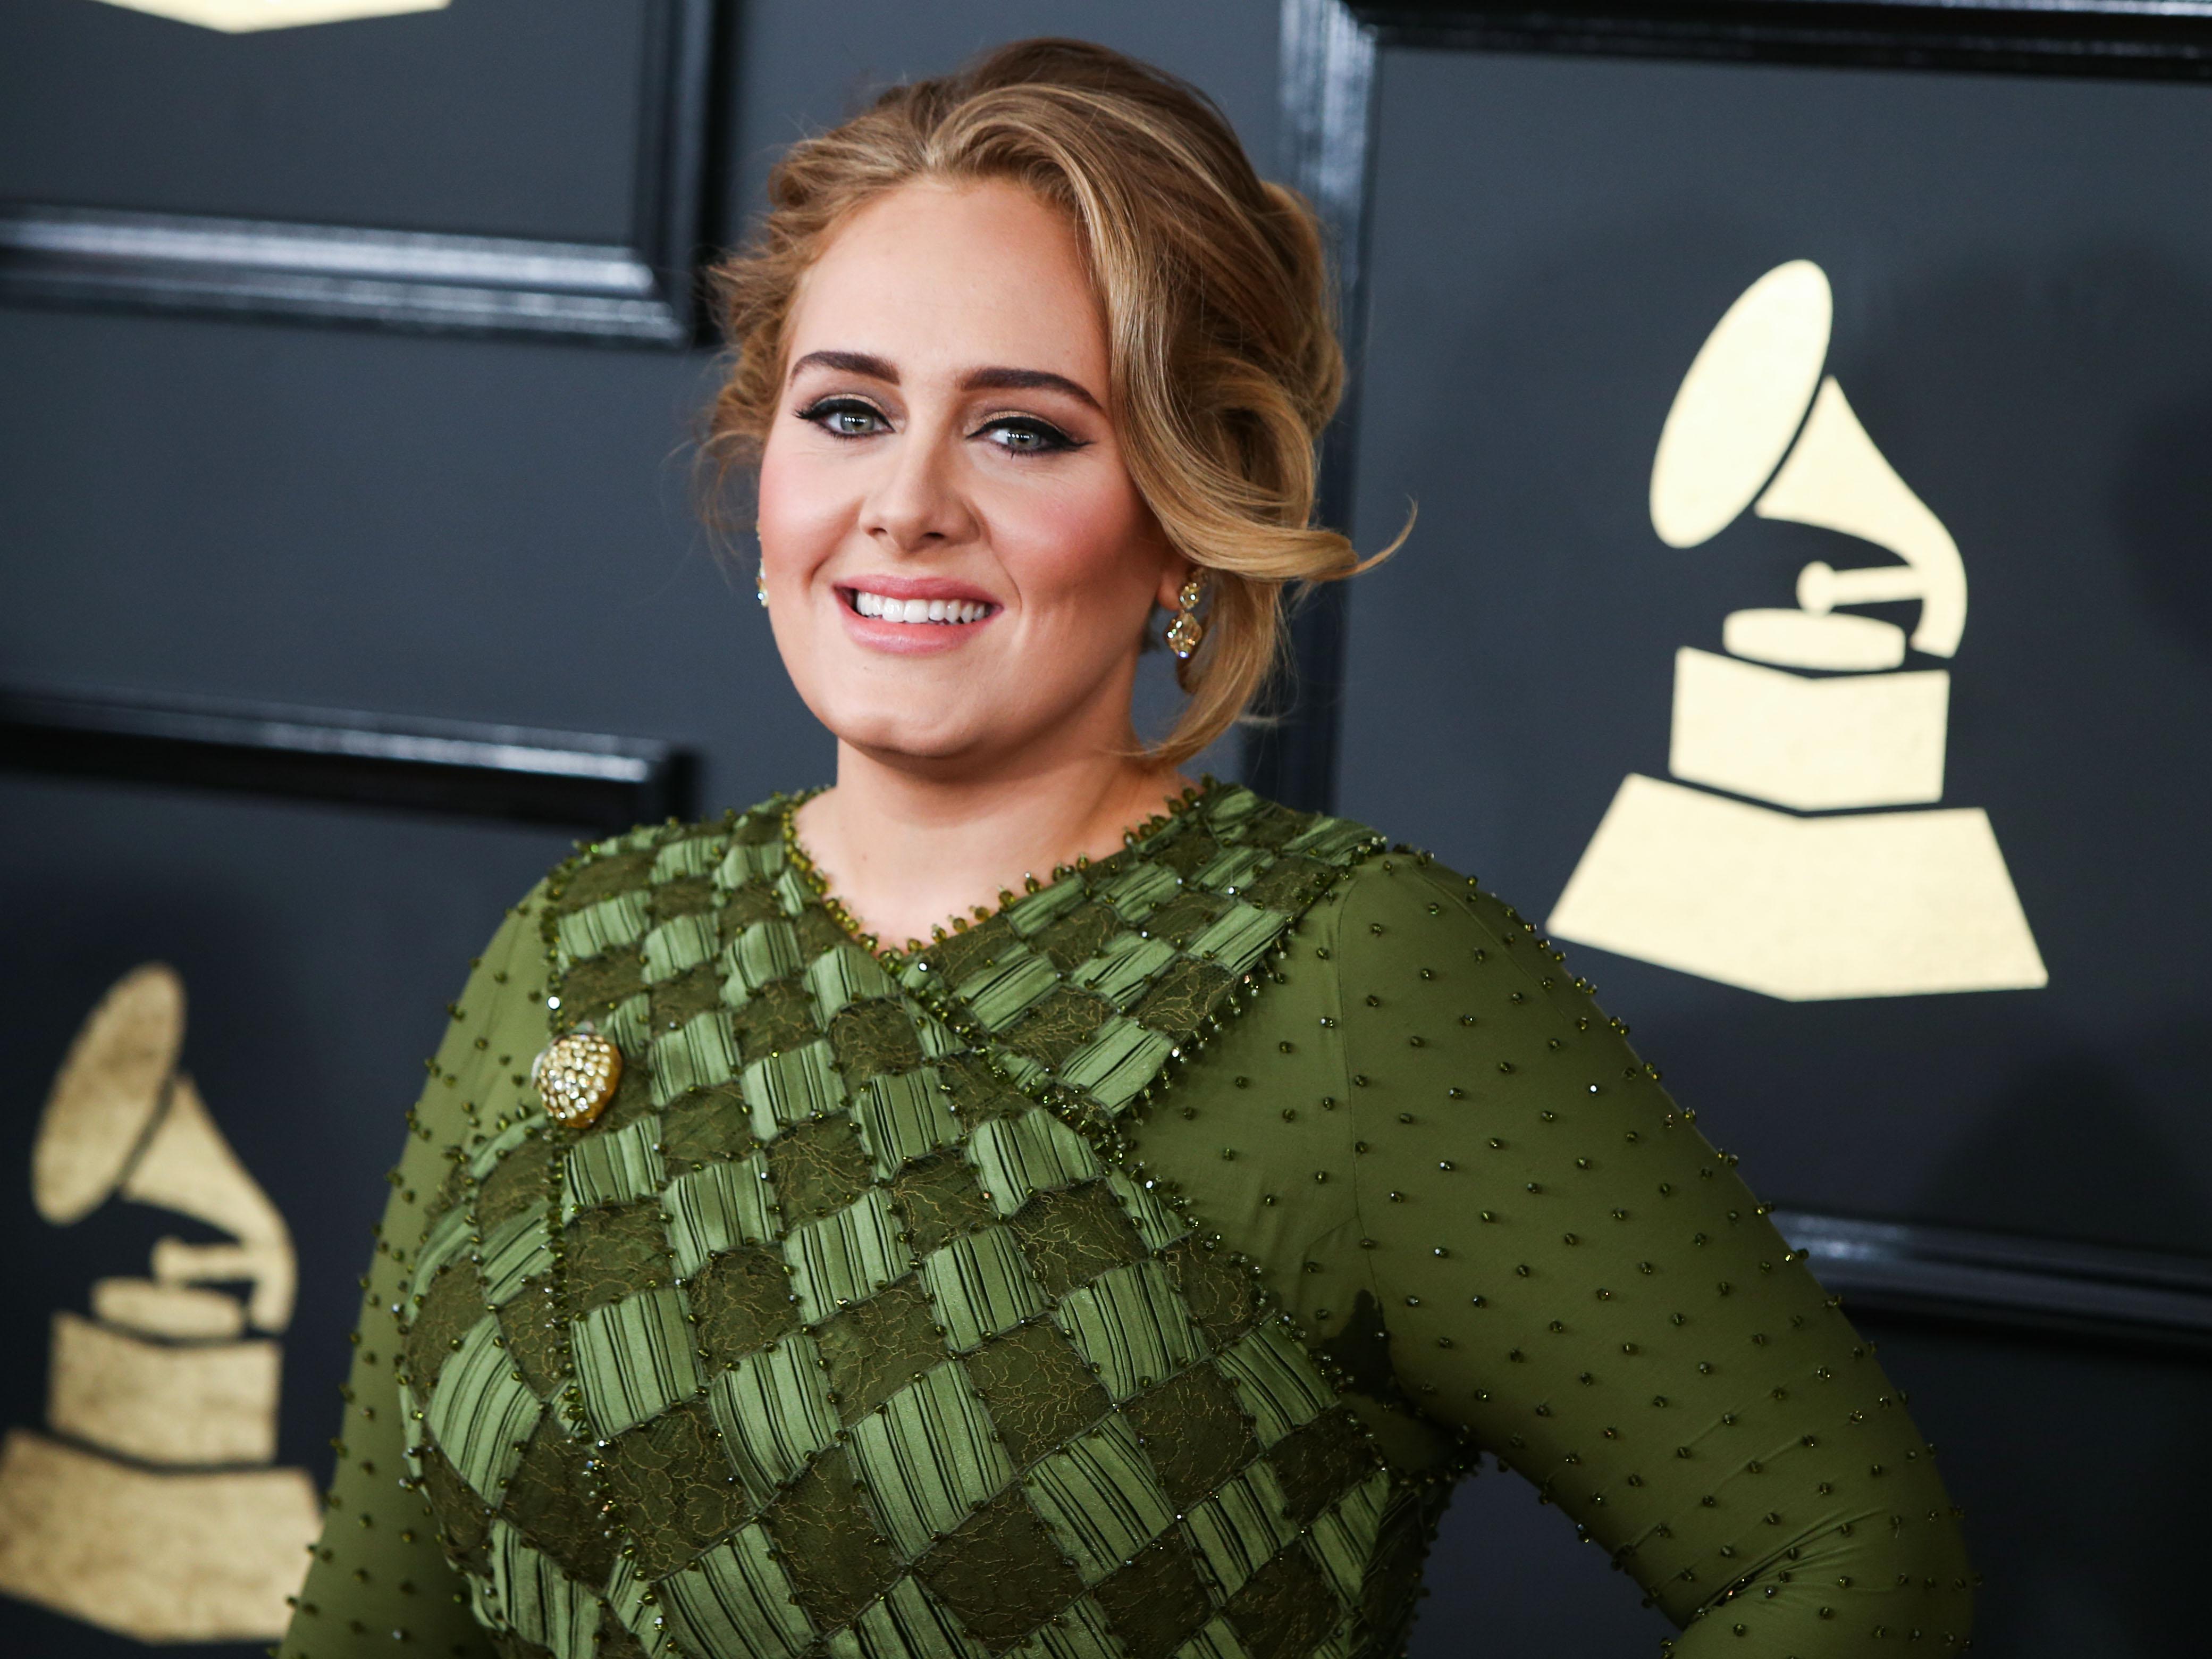 Η Adele μας δείχνει για πρώτη φορά τα φυσικά σγουρά μαλλιά της!